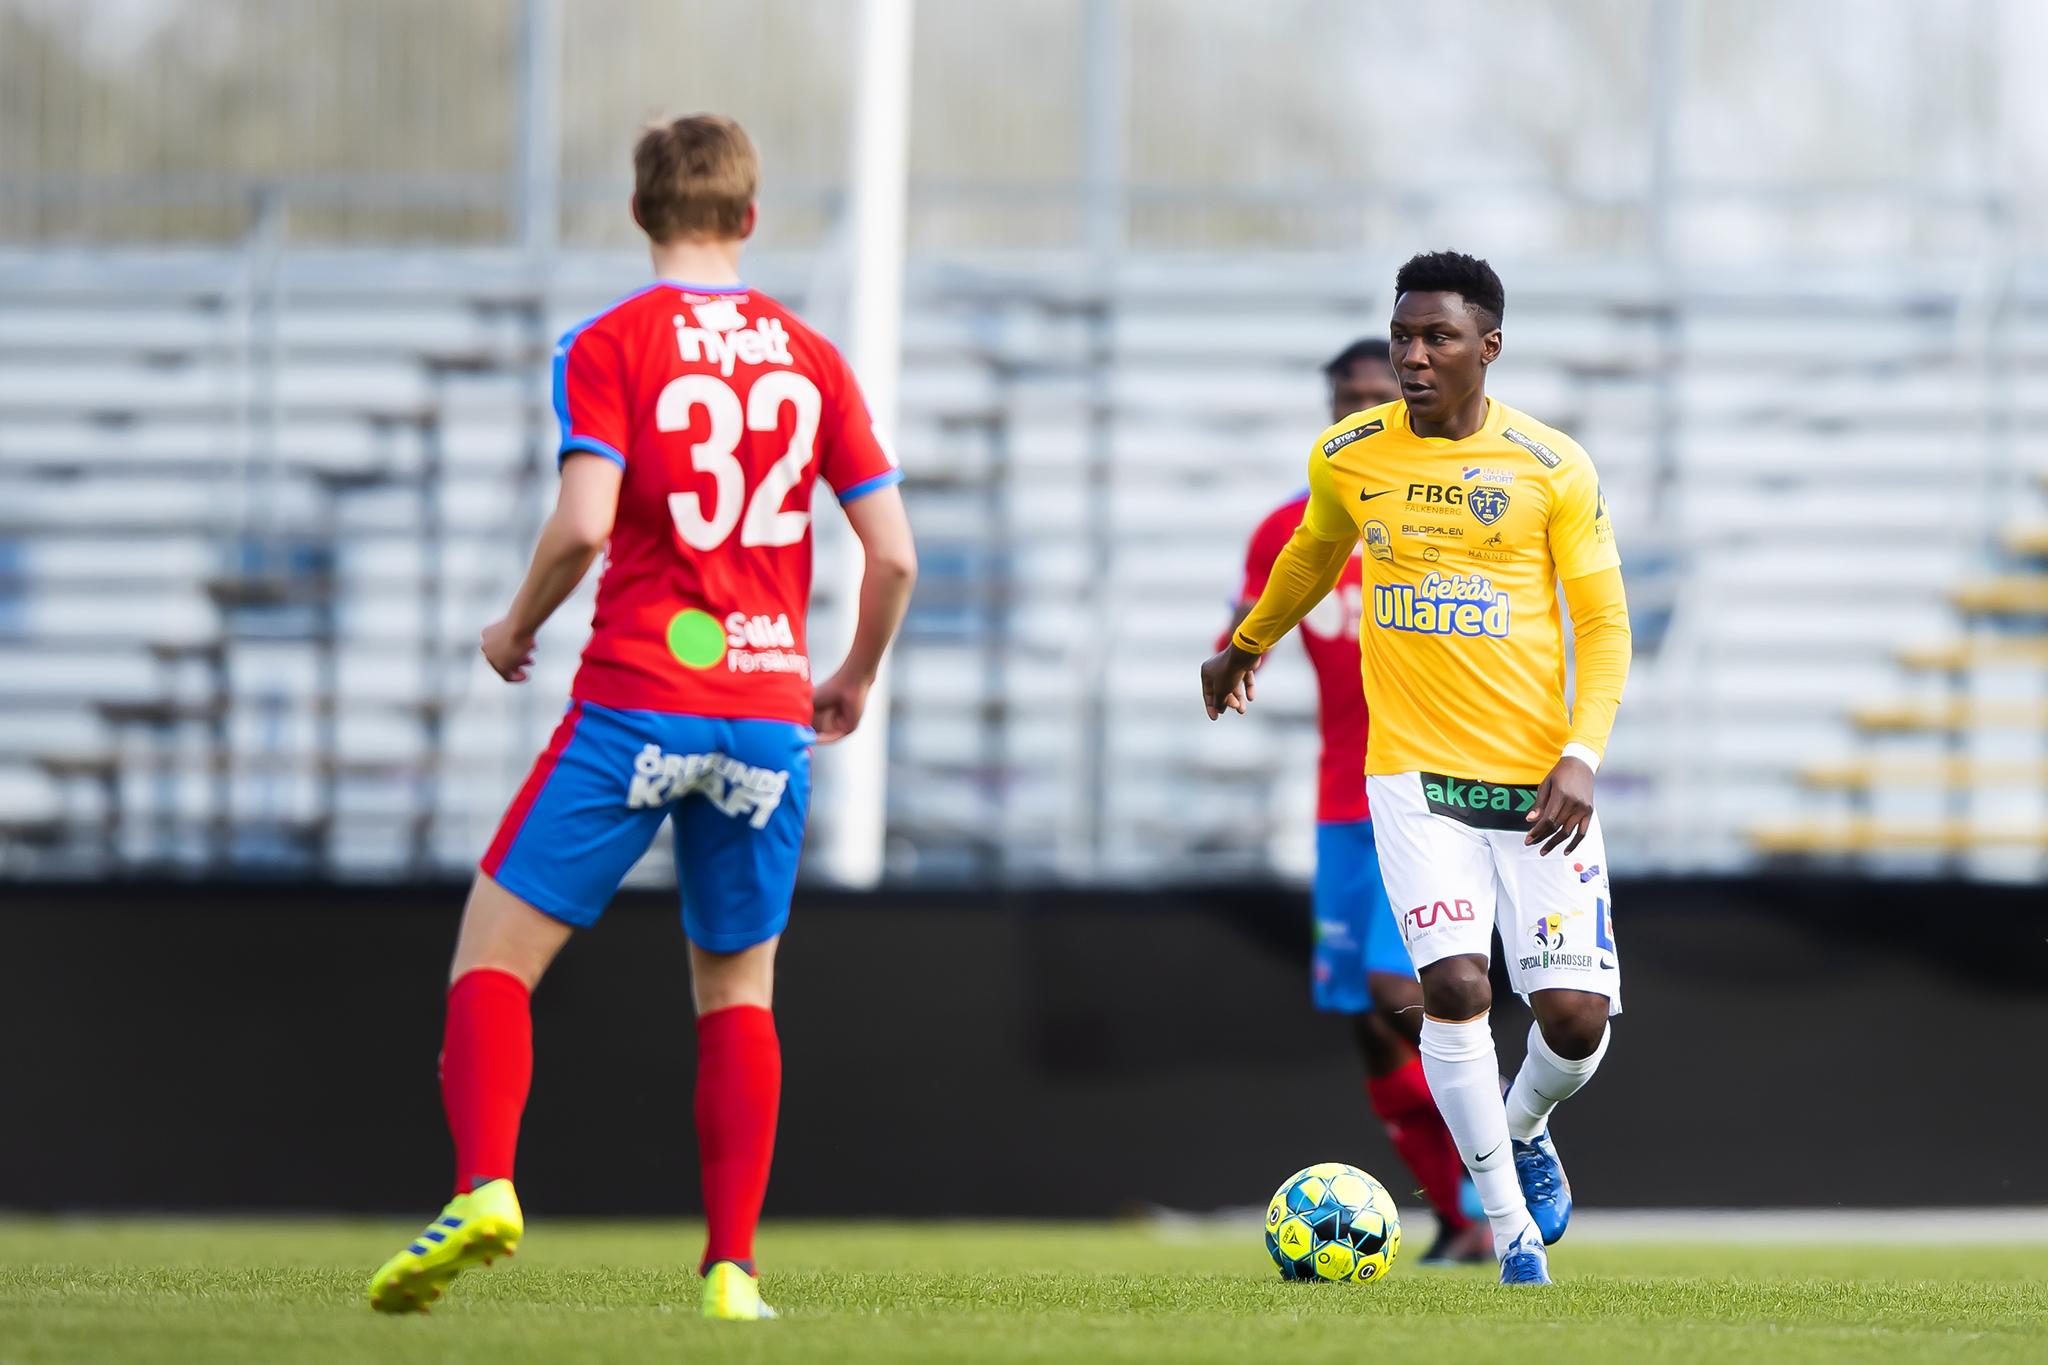 Chatto avslutar karriären och Passi klar för ny klubb